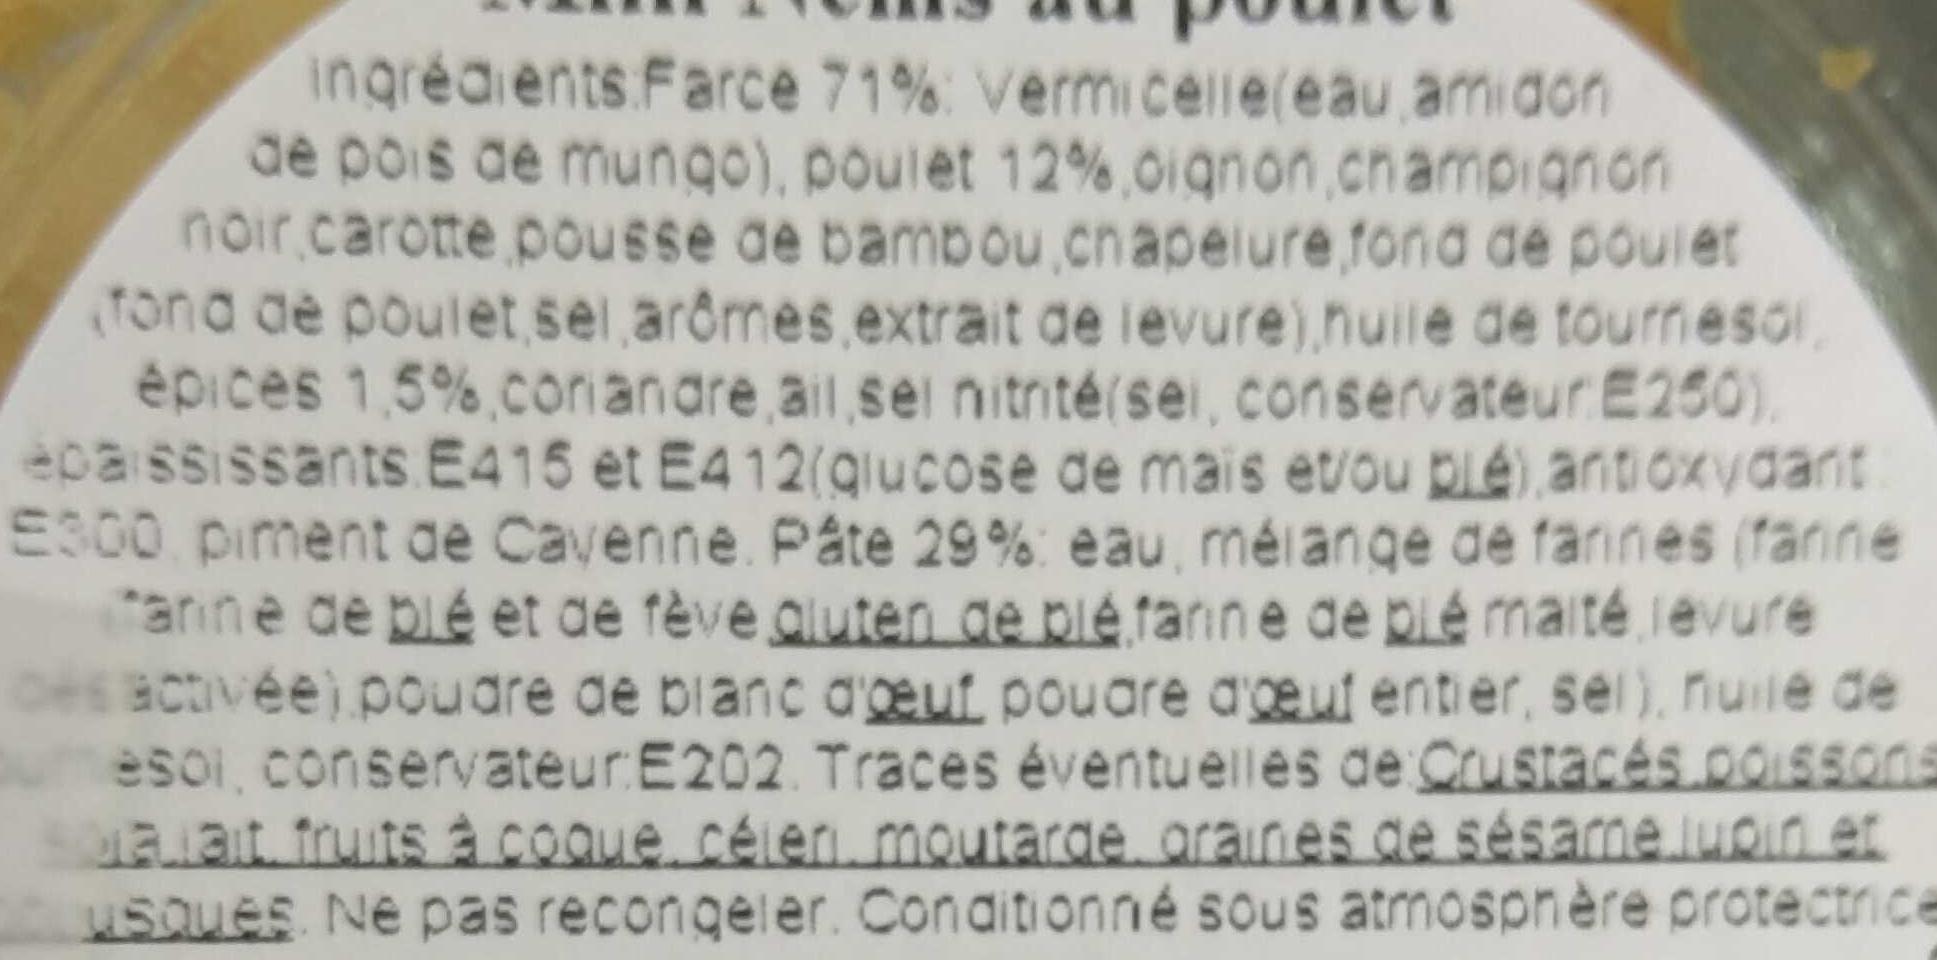 Mini nems Poulet & Epices - Ingrédients - fr